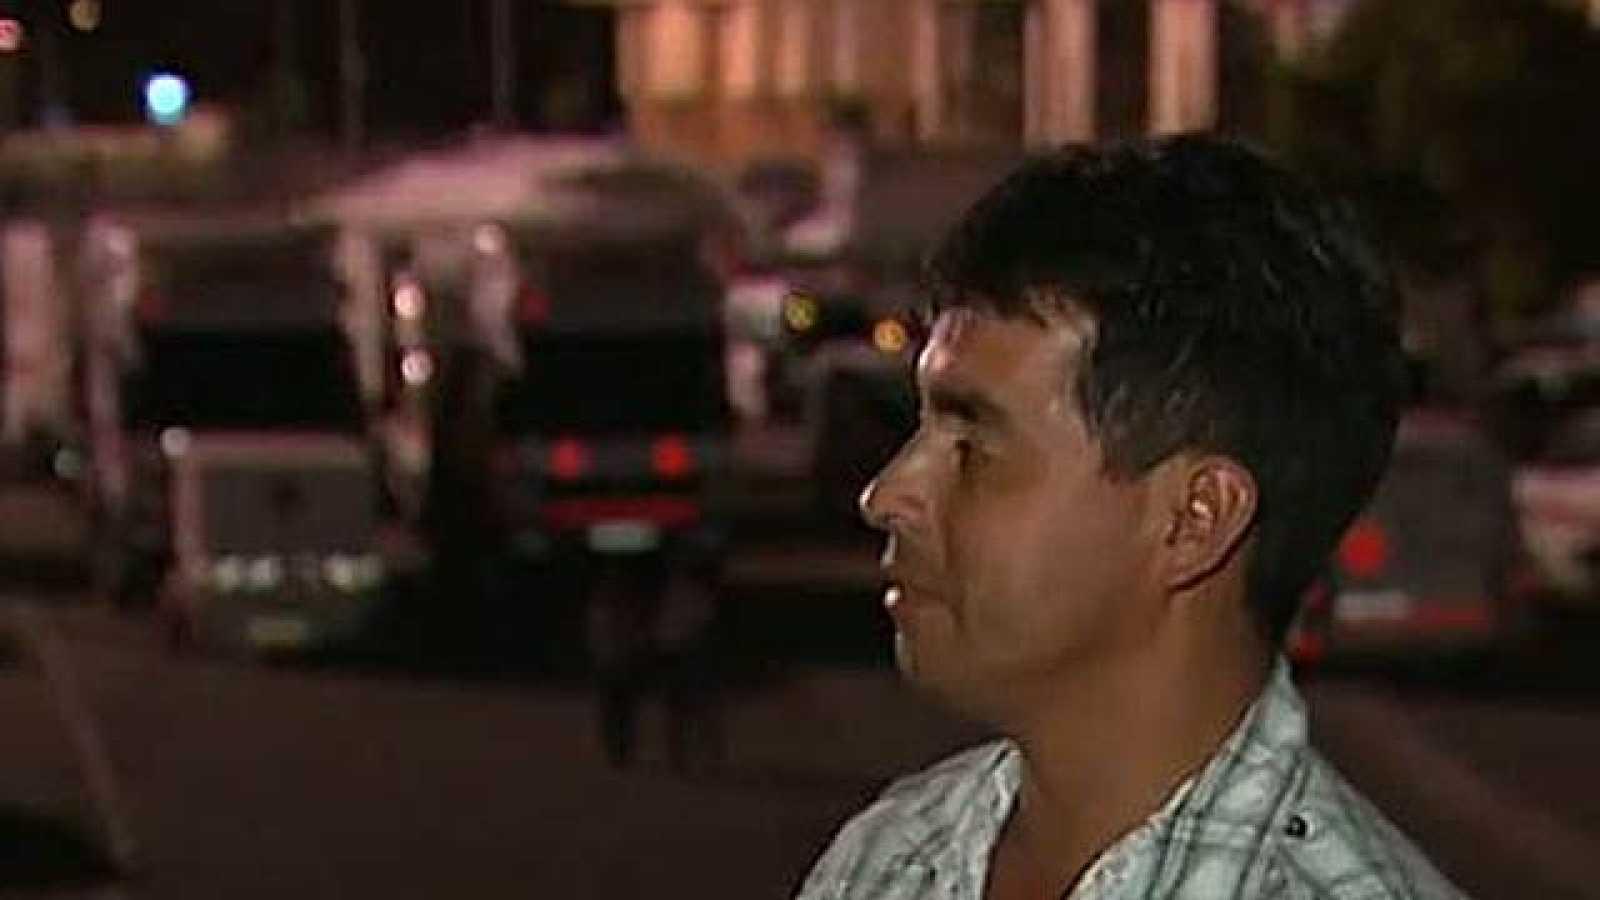 Para Ramón Valle, que reside en Lorca, esta noche será la tercera que pase en la calle.